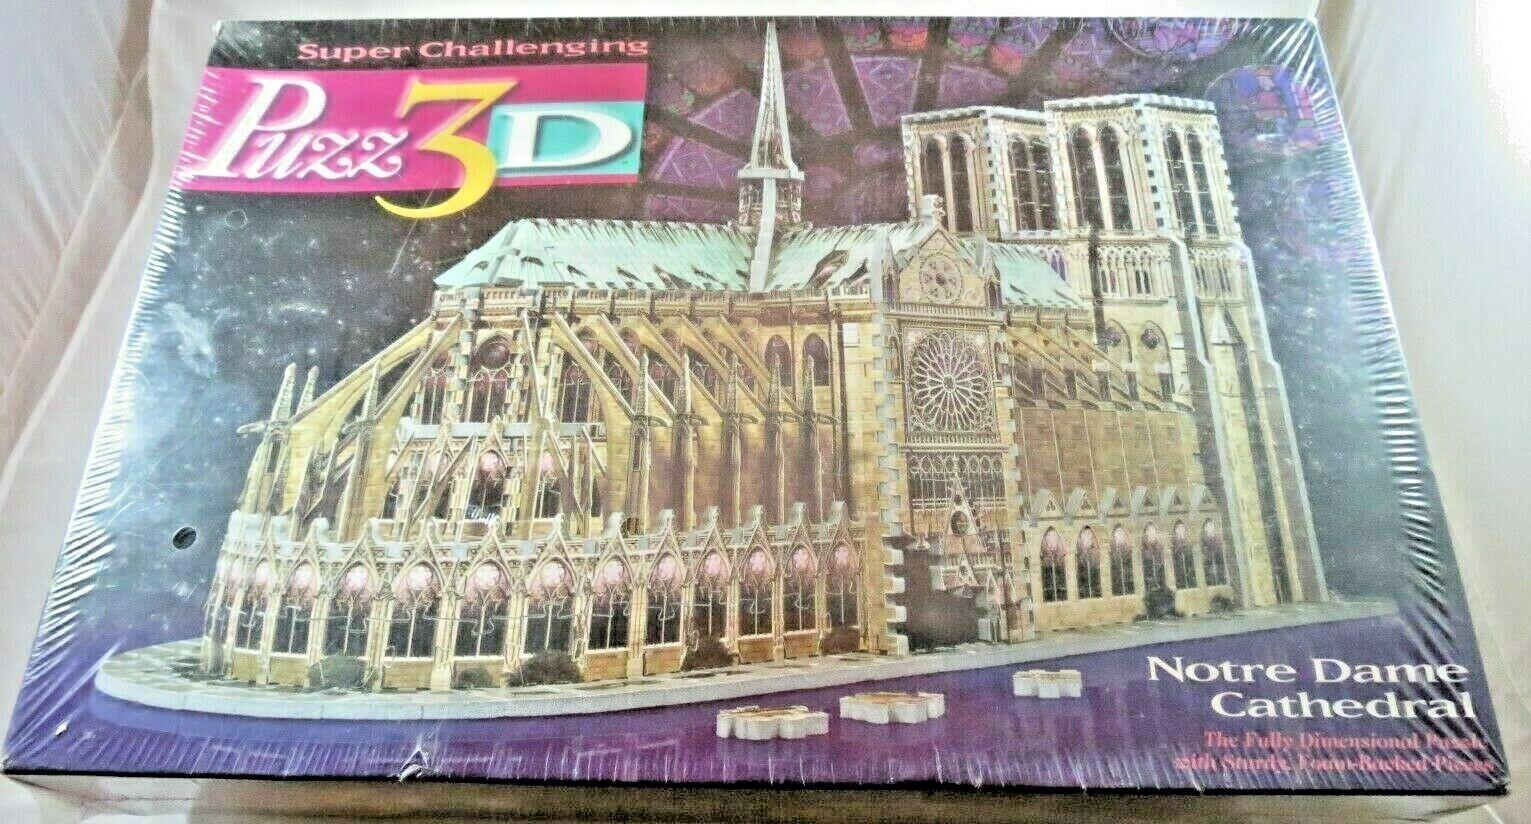 Puzz  3D Cathédrale Notre Dame 3D Puzzle 952 pcs Neuf à partir de 1996  bon prix